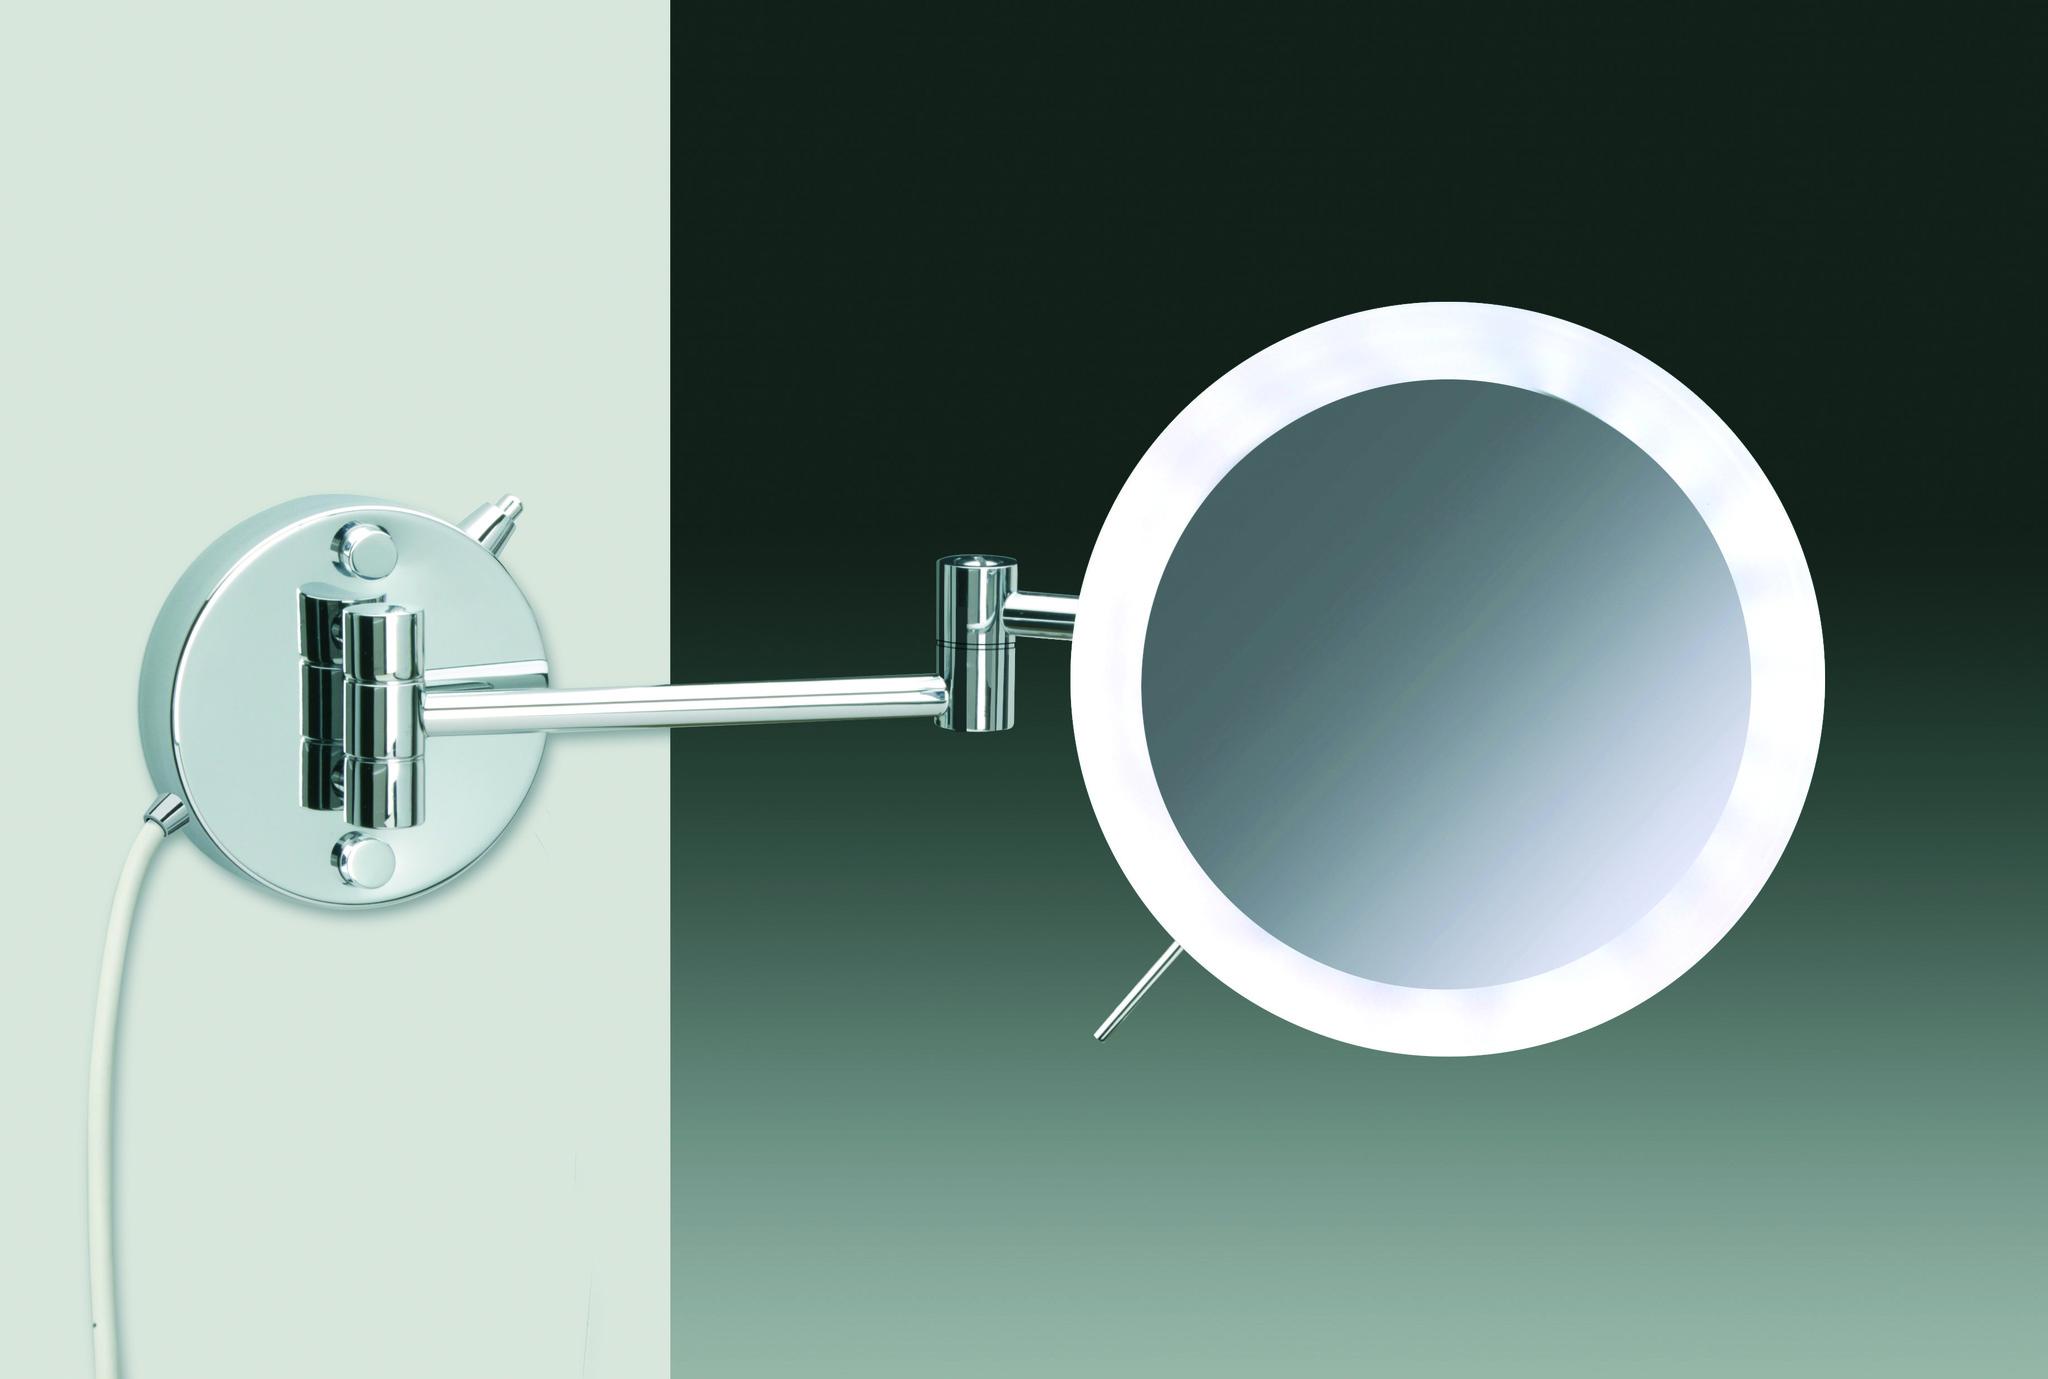 Зеркала Зеркало косметическое Windisch 99654/2CR 5XD elitnoe-zerkalo-kosmeticheskoe-996542-ot-windisch-ispaniya.jpg